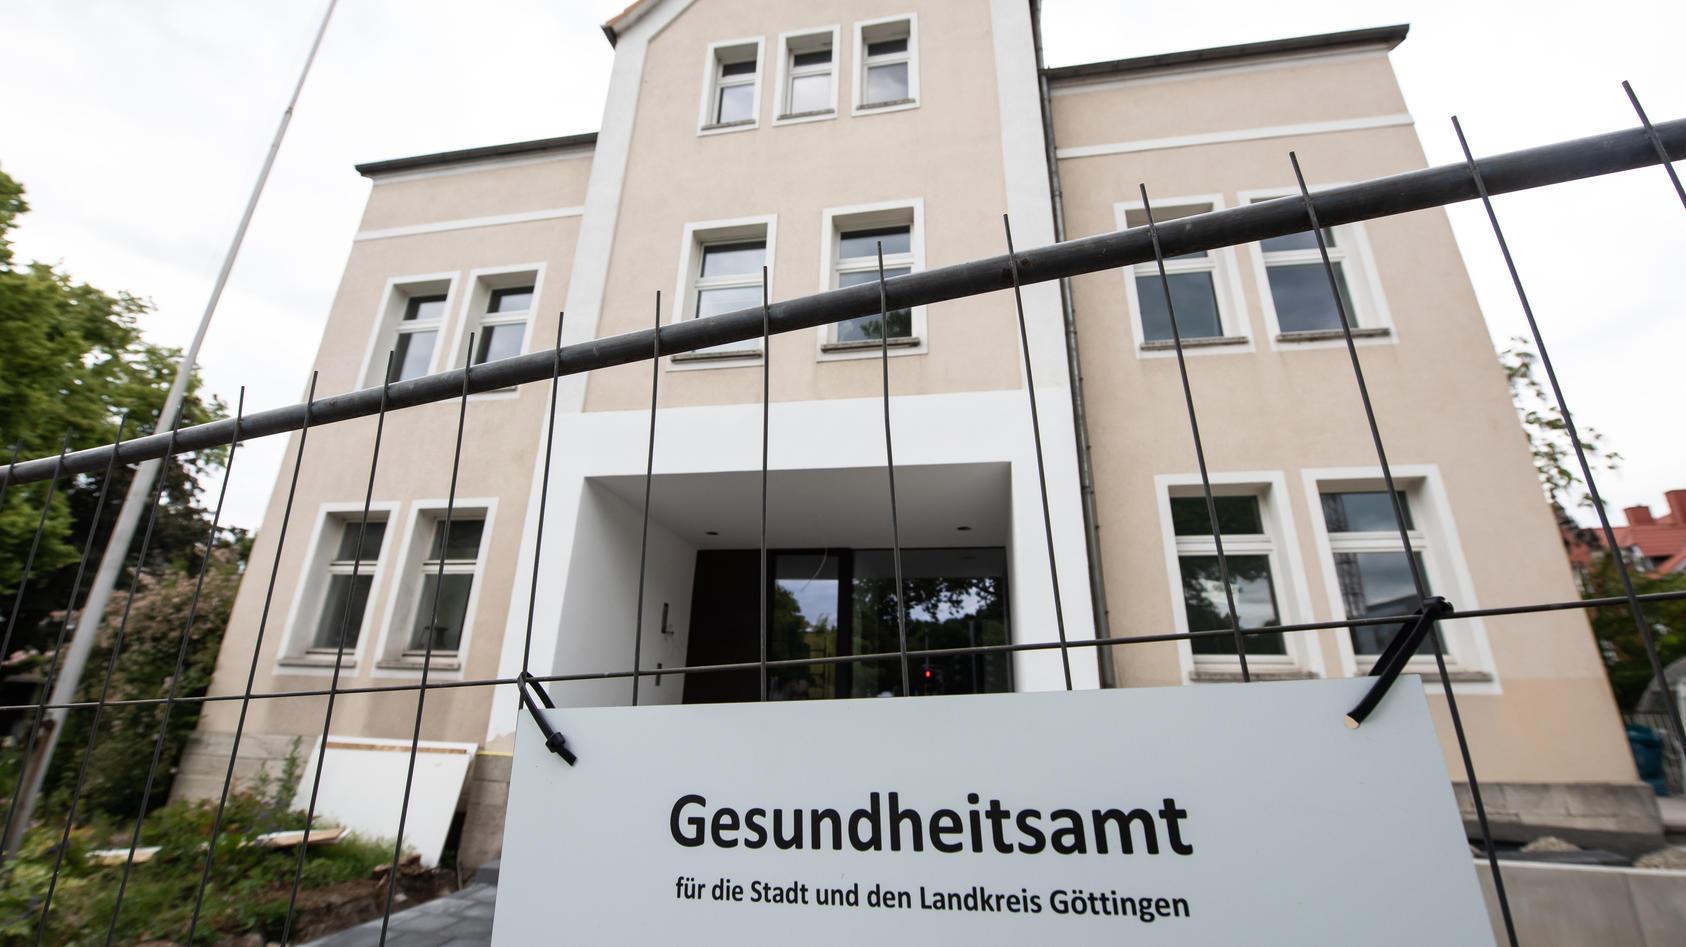 In Göttingen gab es einen größeren Corona-Ausbruch